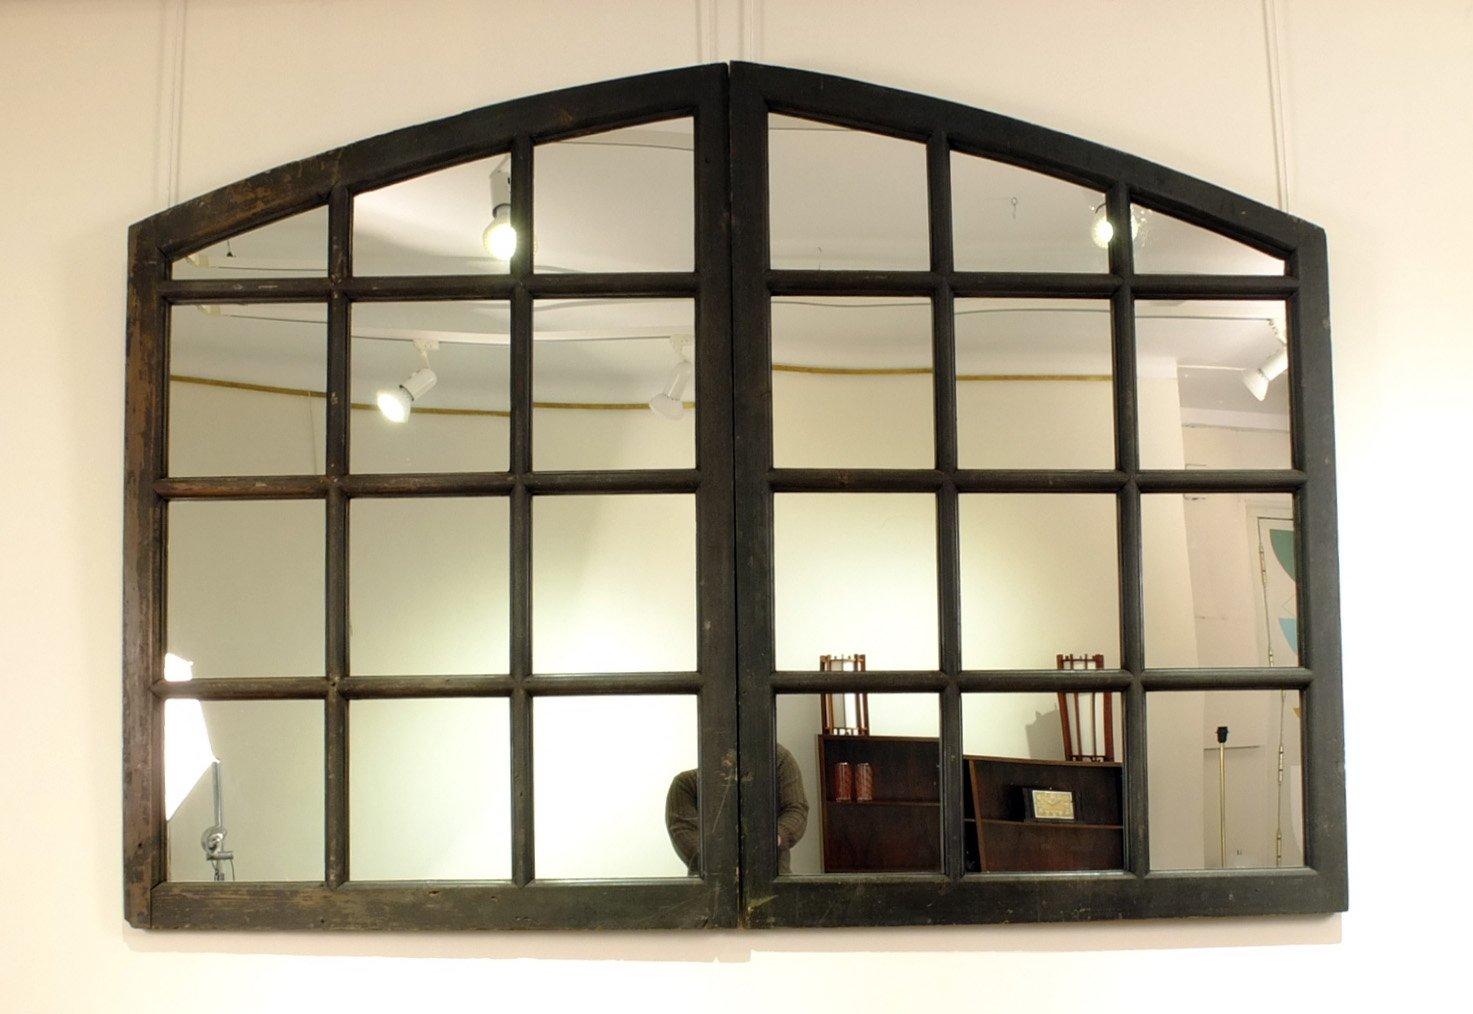 Miroir avec ch ssis de fen tre antique france en vente for Chassis fenetre prix